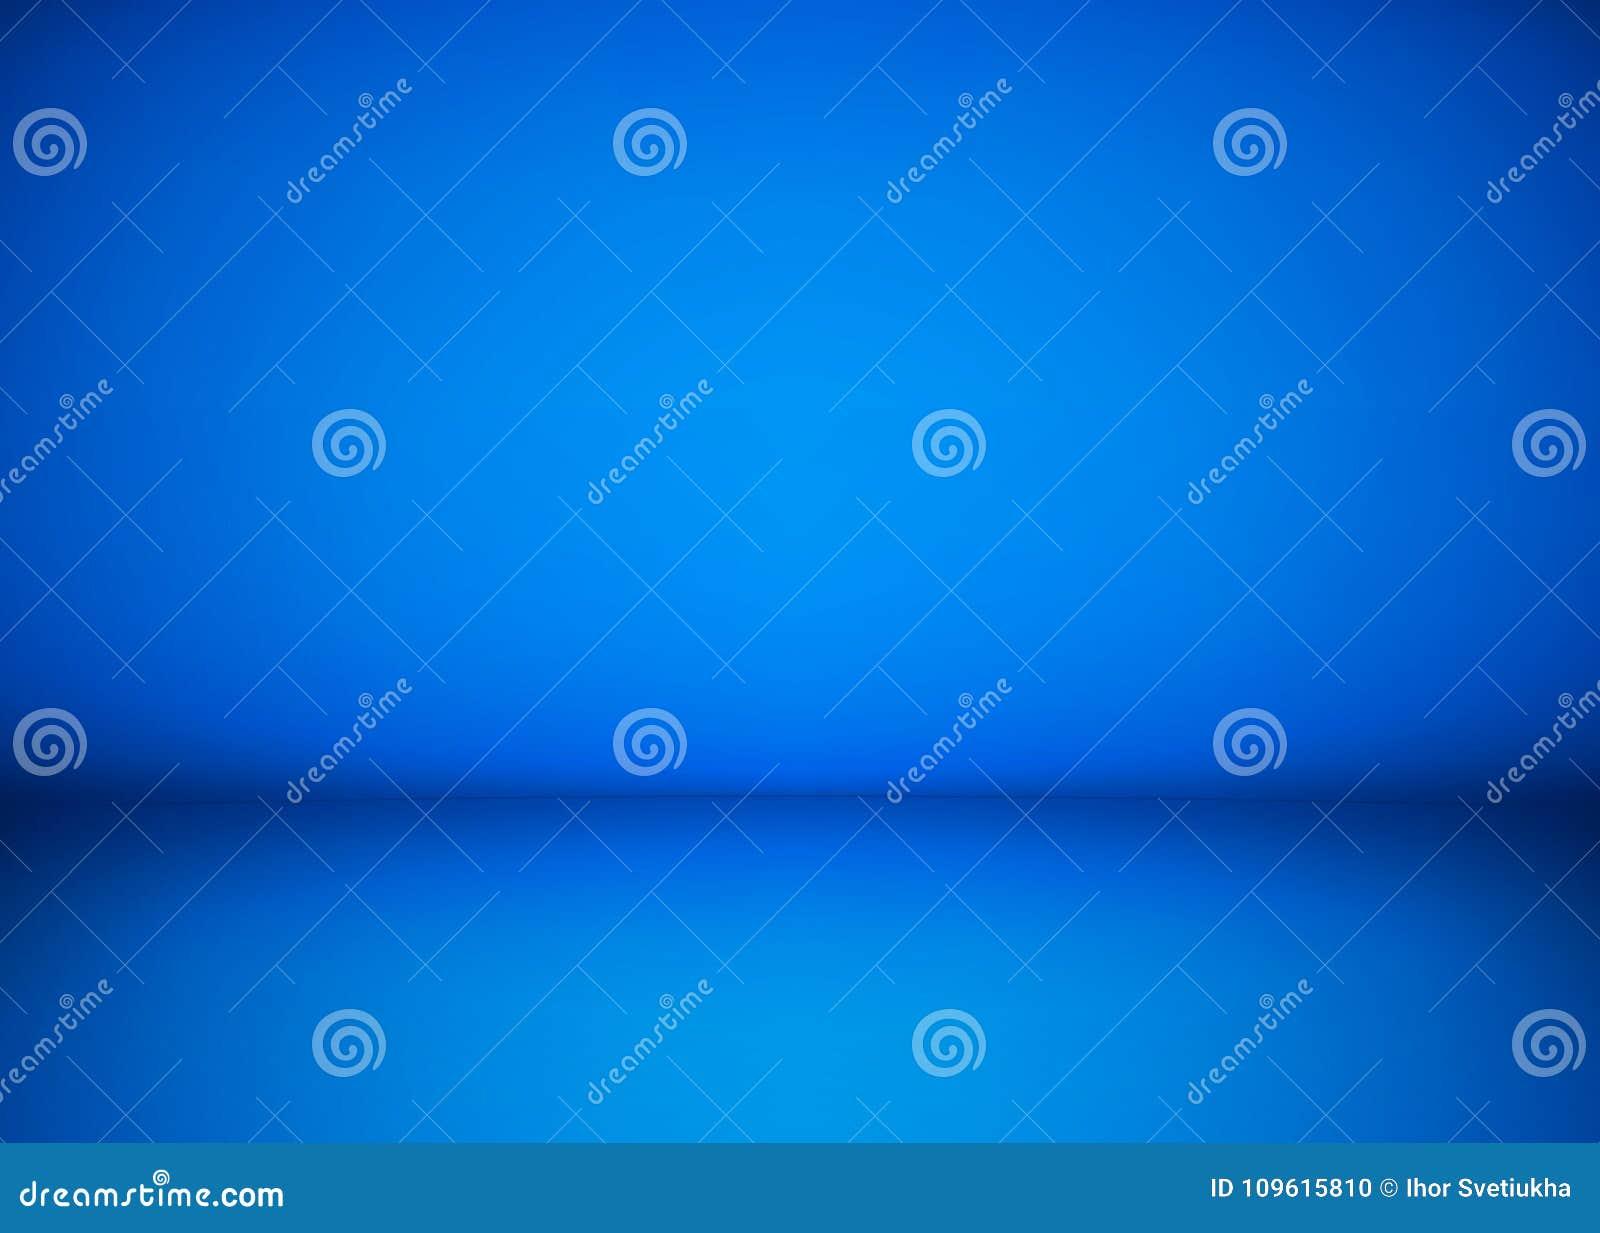 Abstrakt blå studioseminariumbakgrund Mall av det ruminre, golvet och väggen Fotografiseminariumutrymme vektor